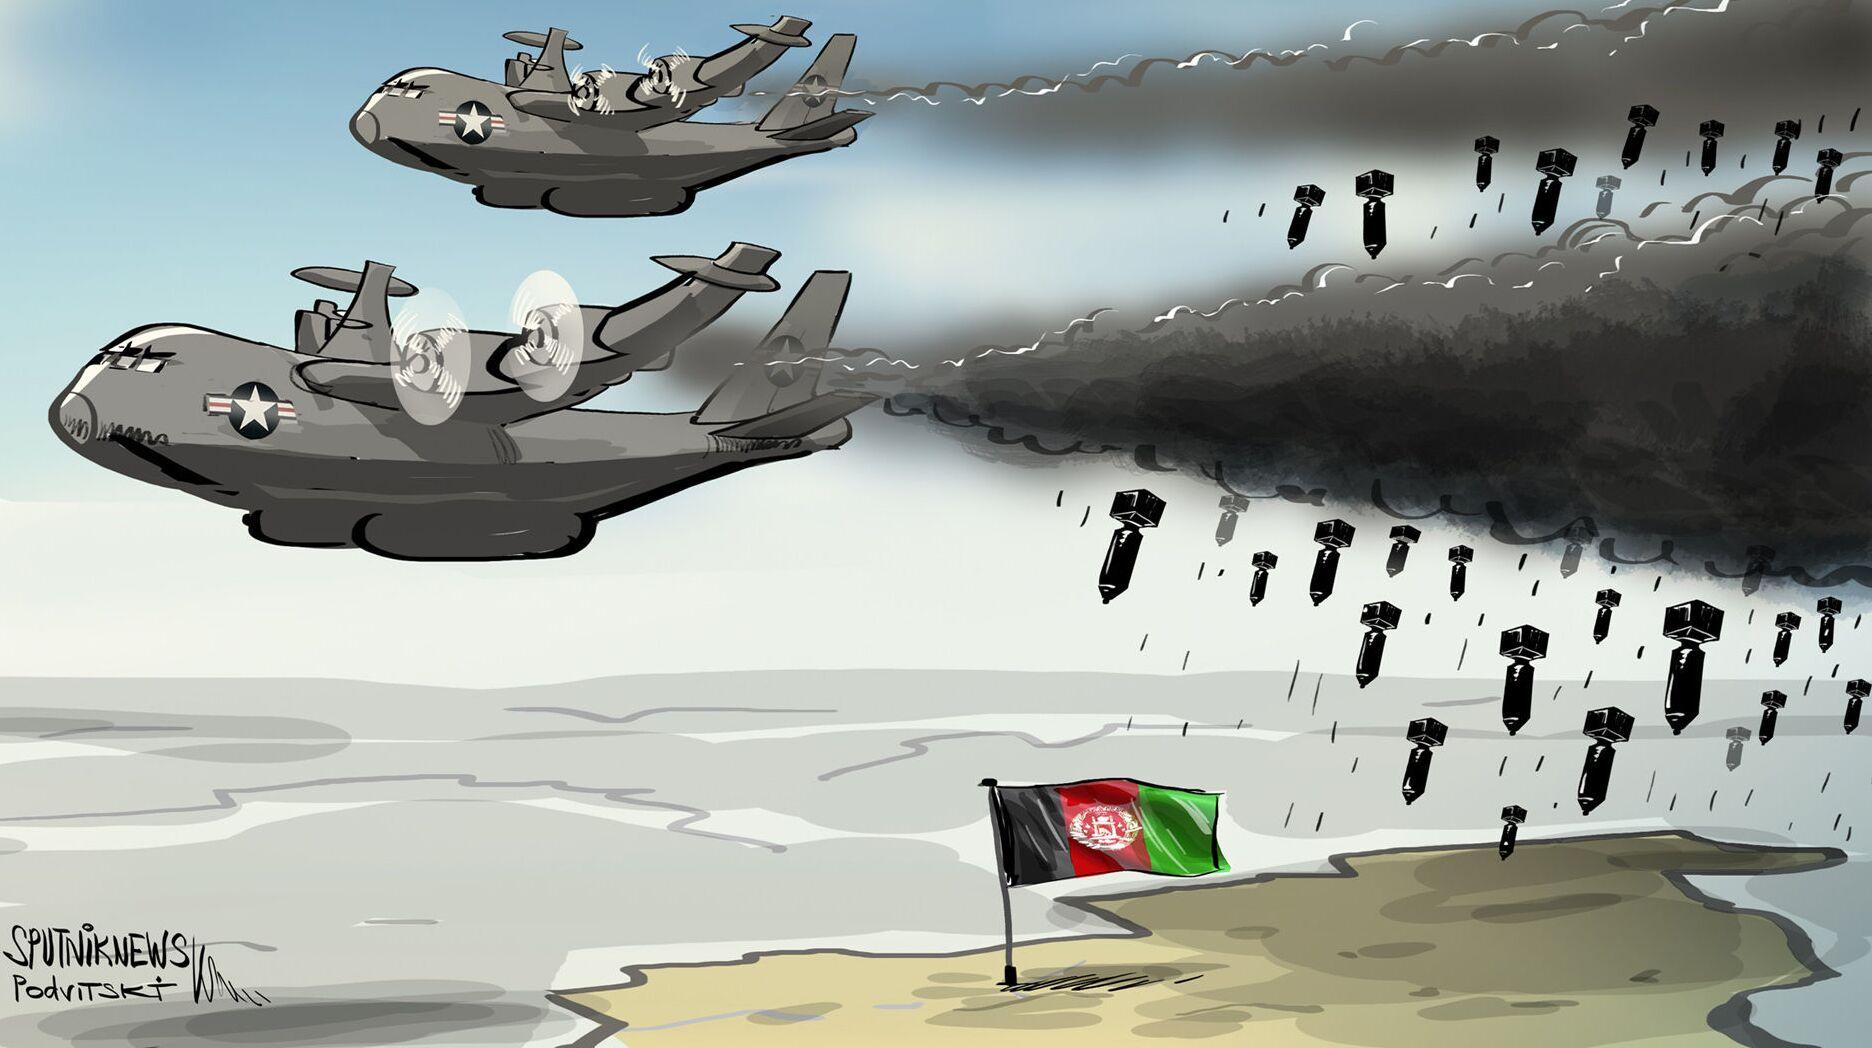 الجيش الأمريكي  يؤكد استعداده لتكثيف الغارات ضد طالبان